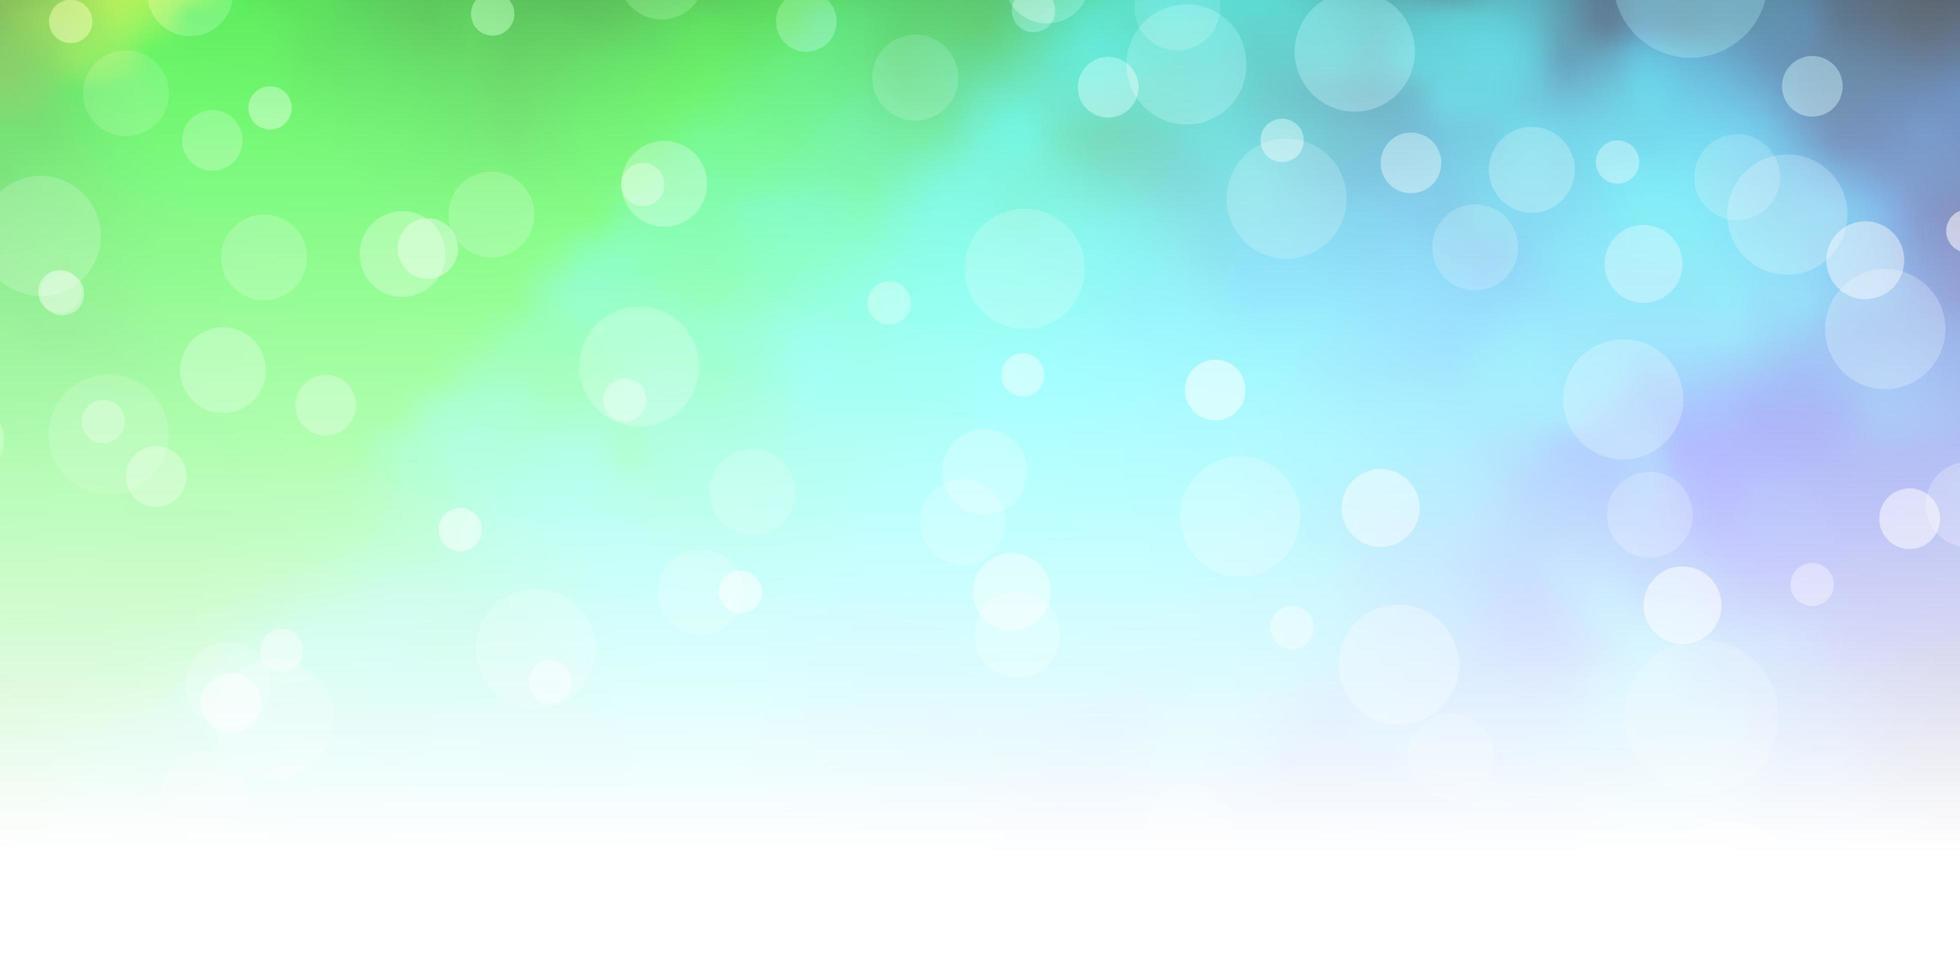 fundo de vetor azul claro e verde com círculos